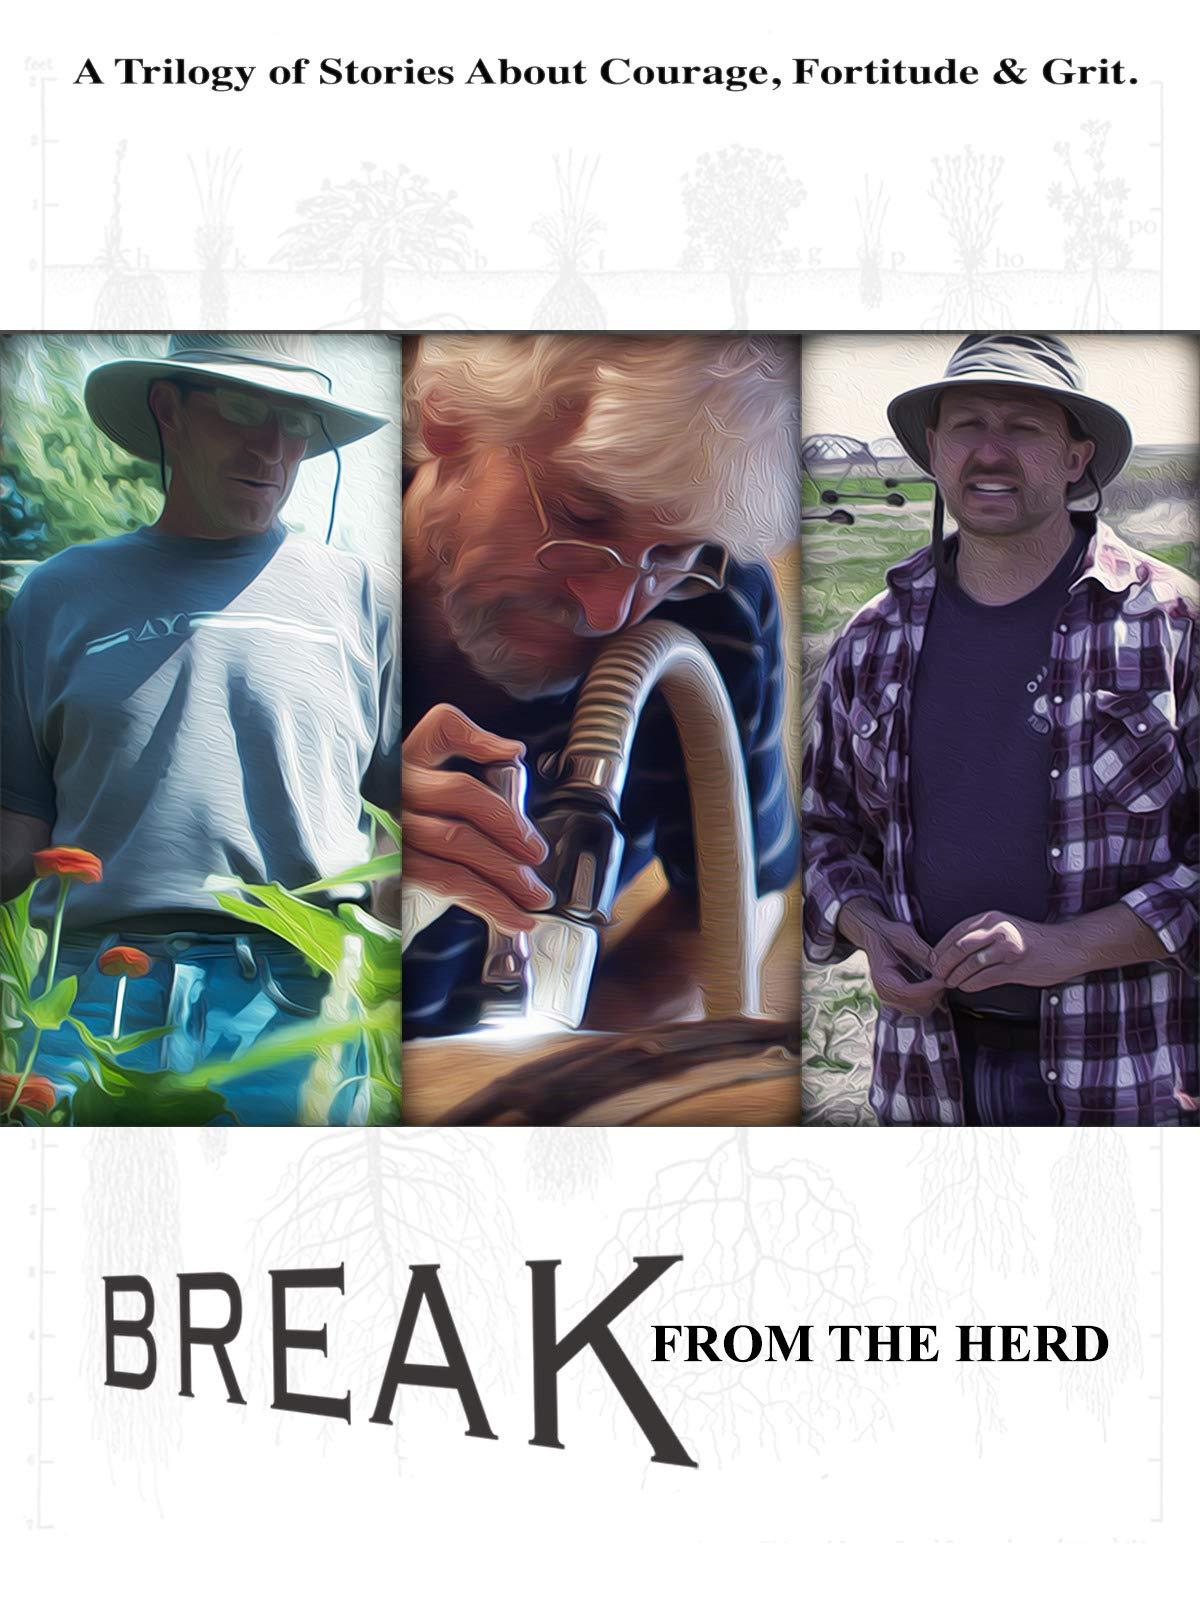 Break from the Herd